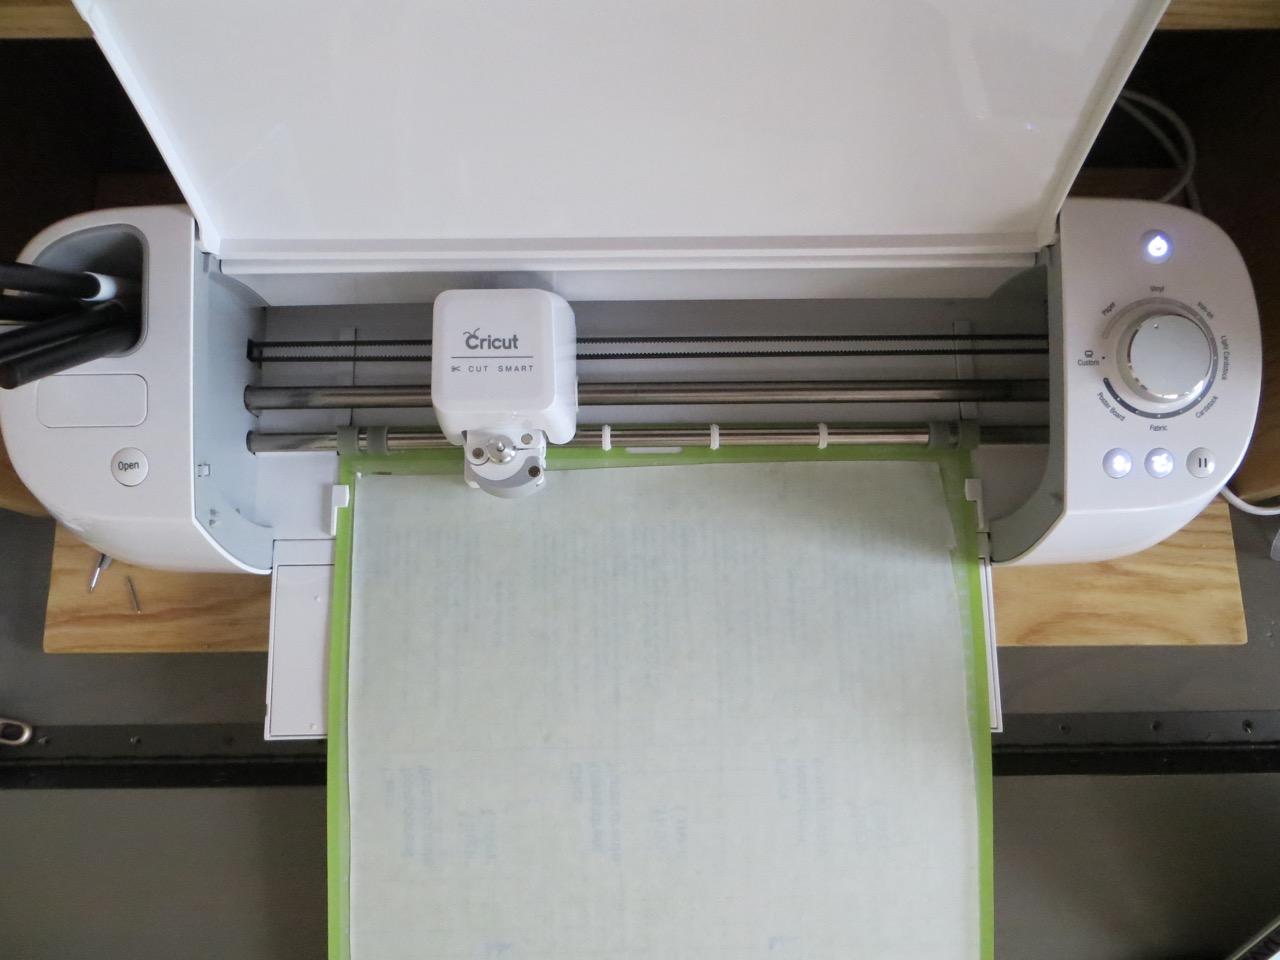 the cricut cutting machine